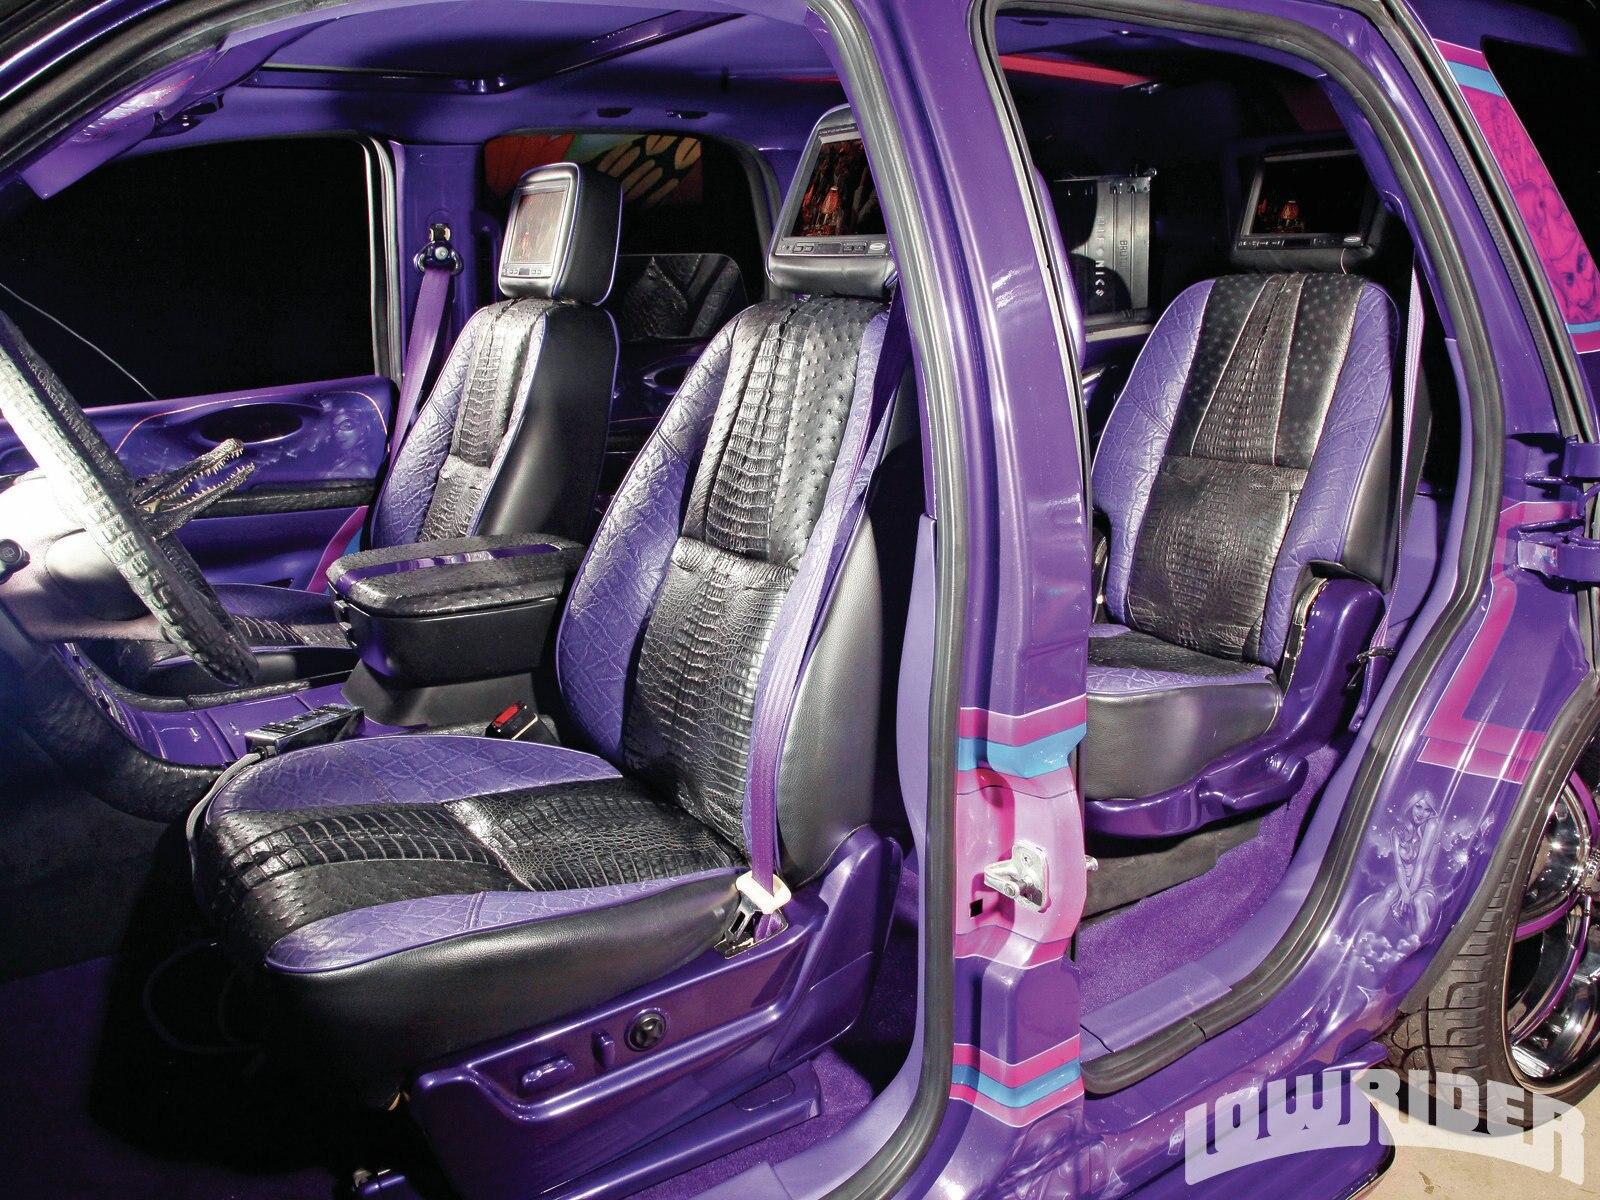 cadillac escalade 2015 interior customized. 1216 cadillac escalade 2015 interior customized s